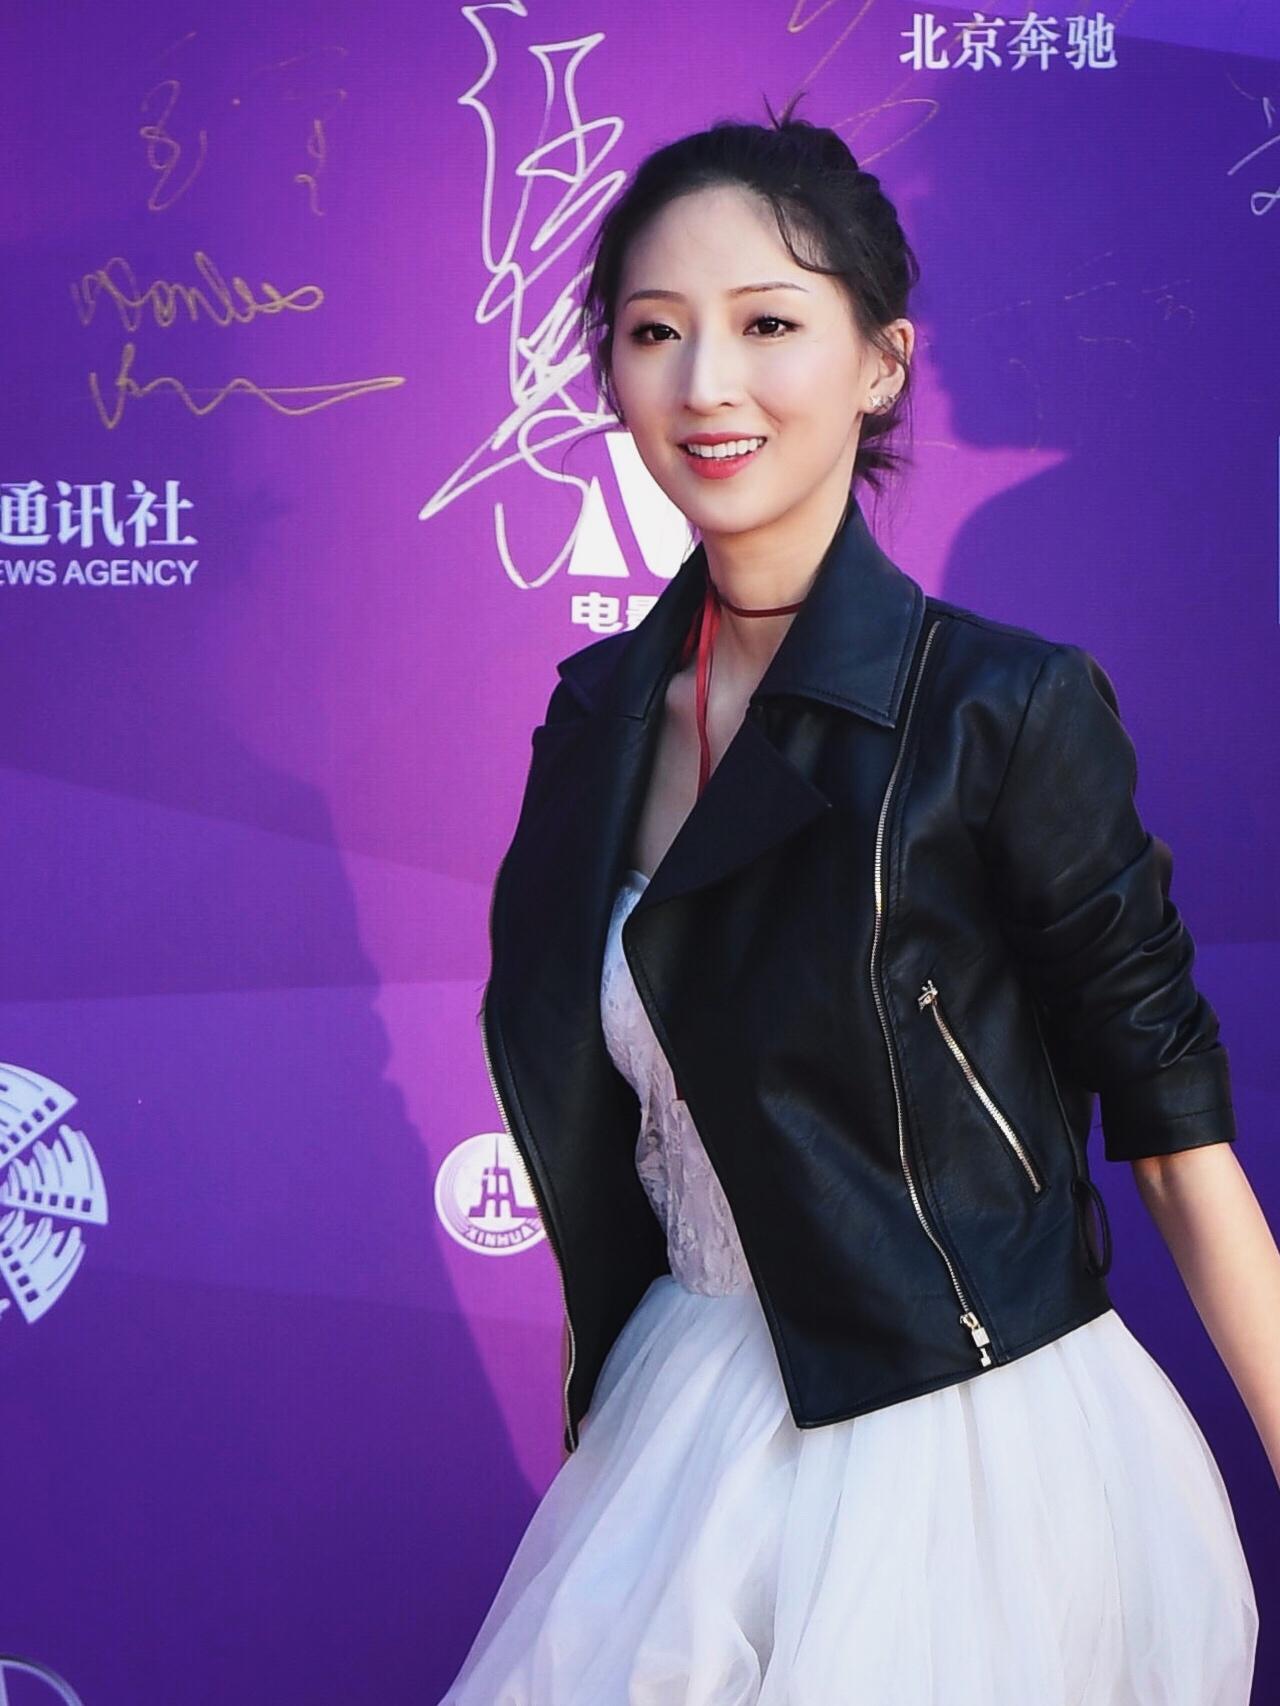 谢欣贝北京国际电影节首秀《我是你妈》